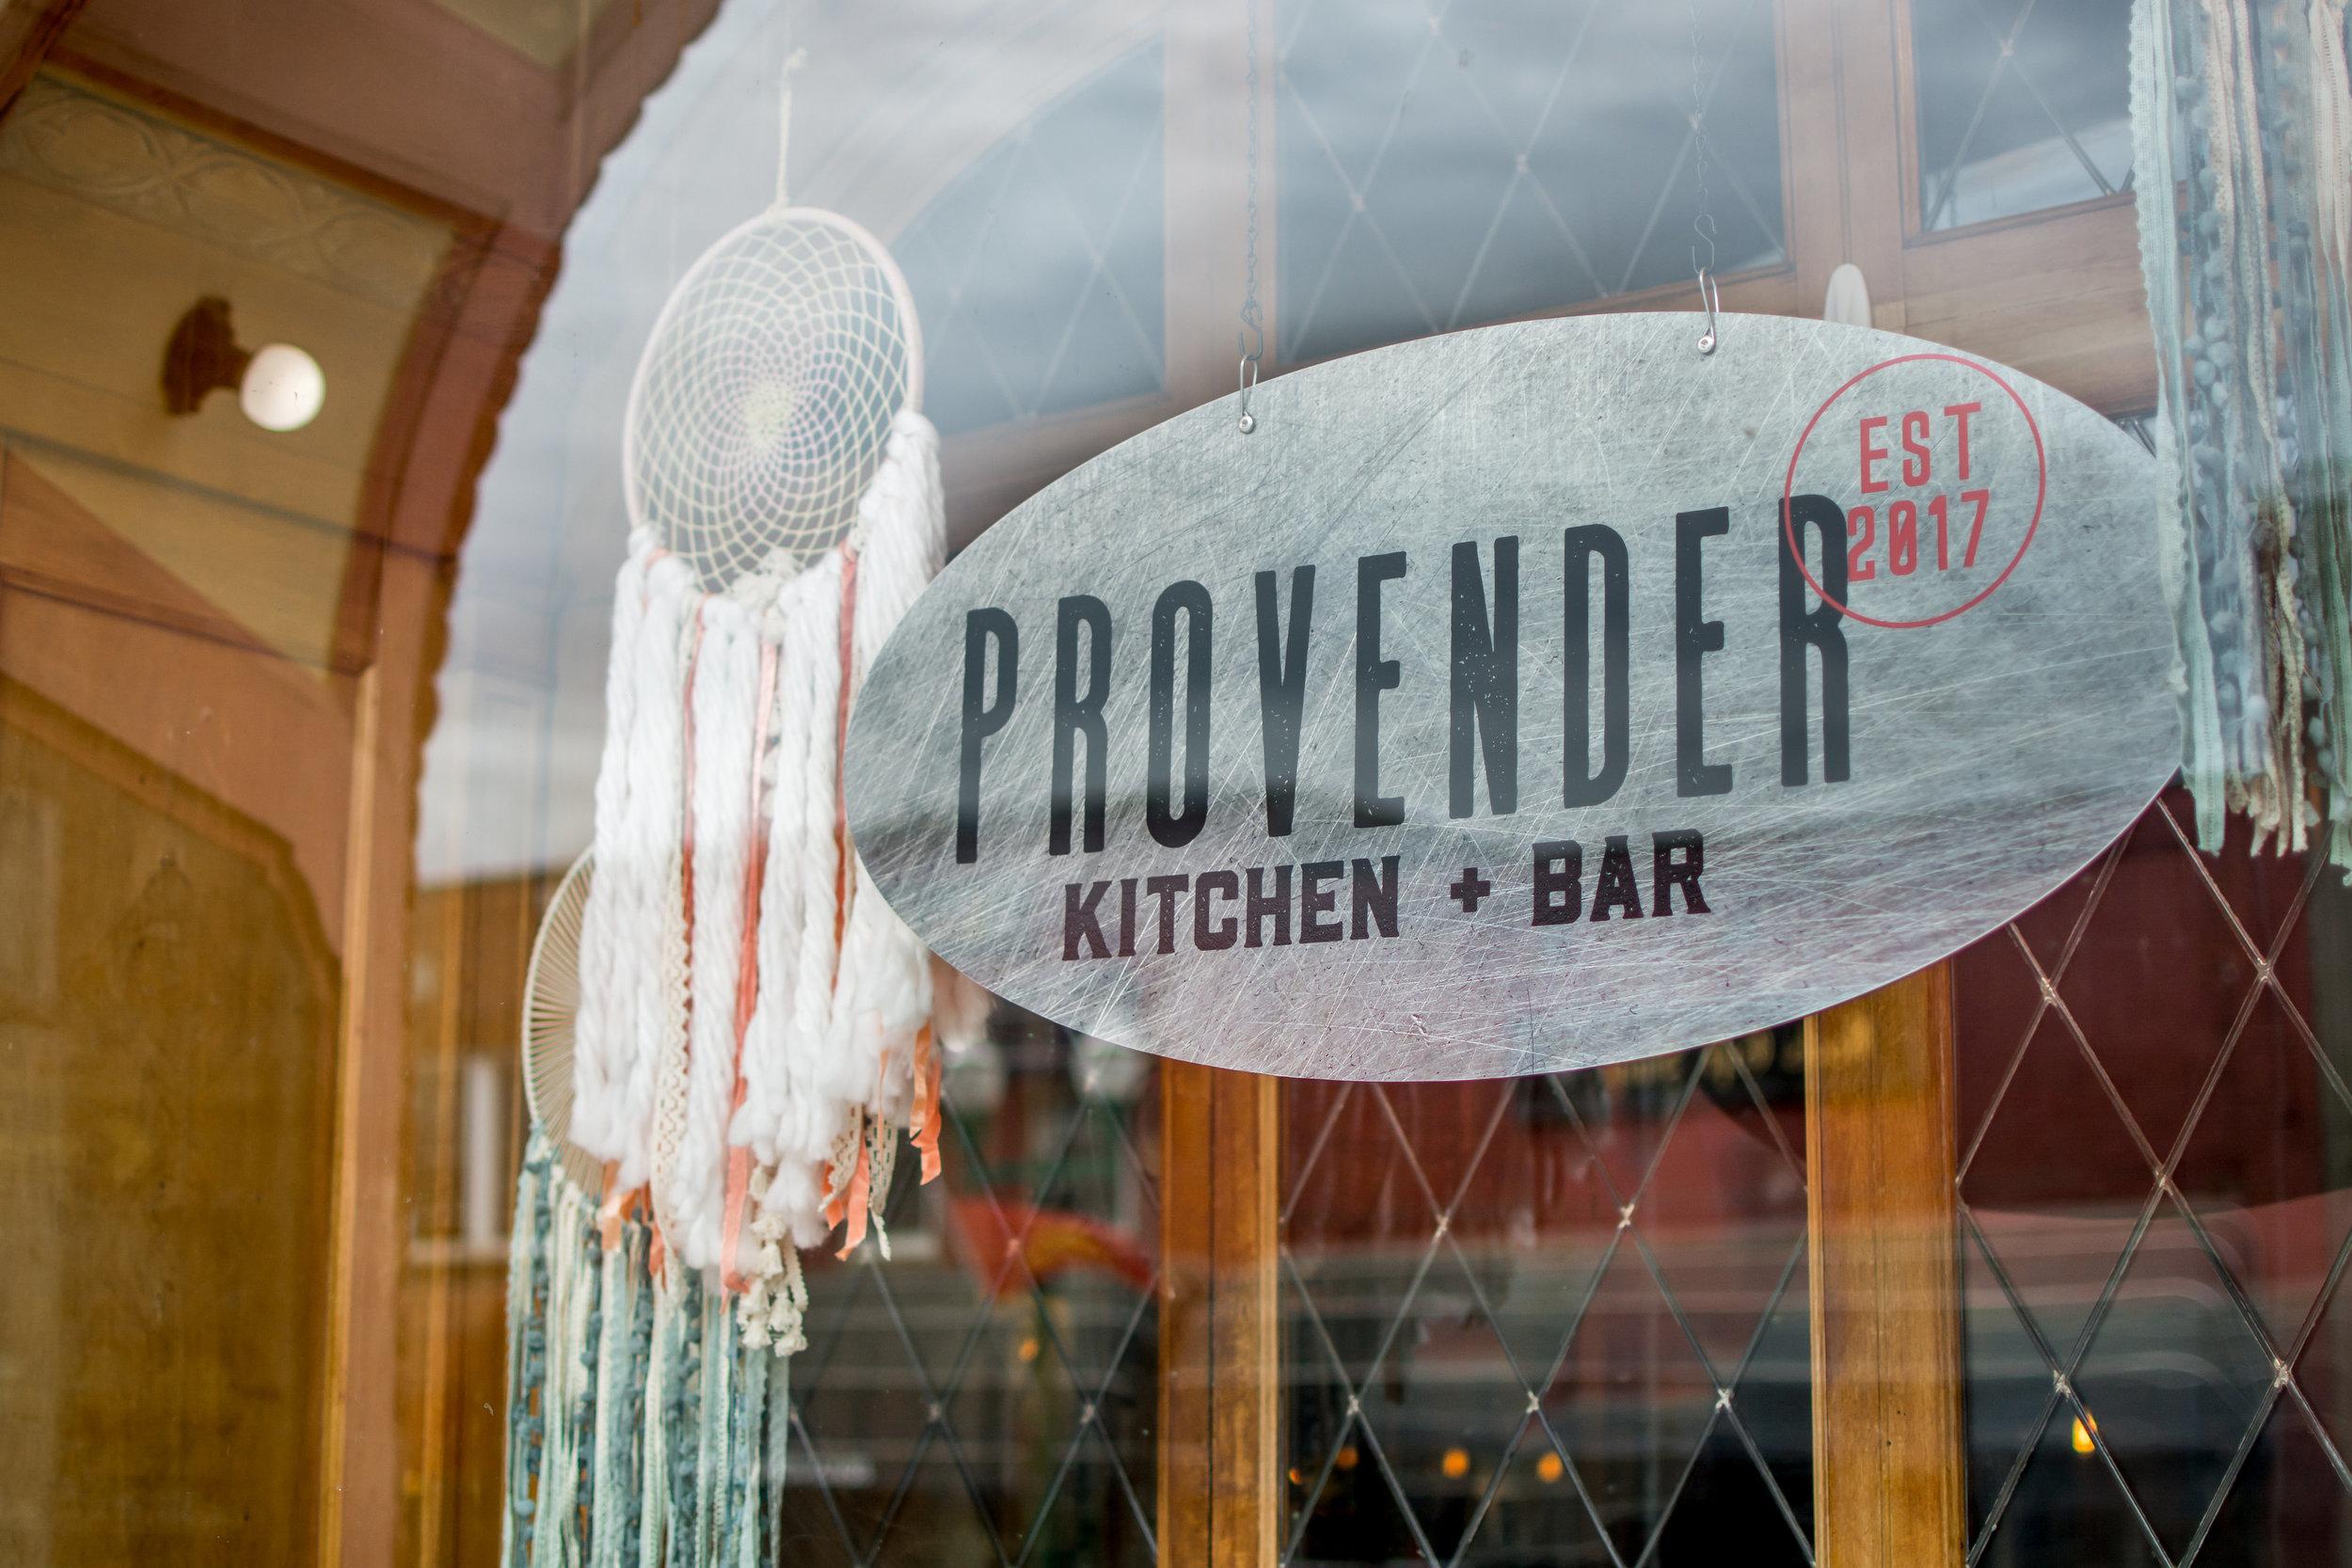 Provender-31.jpg